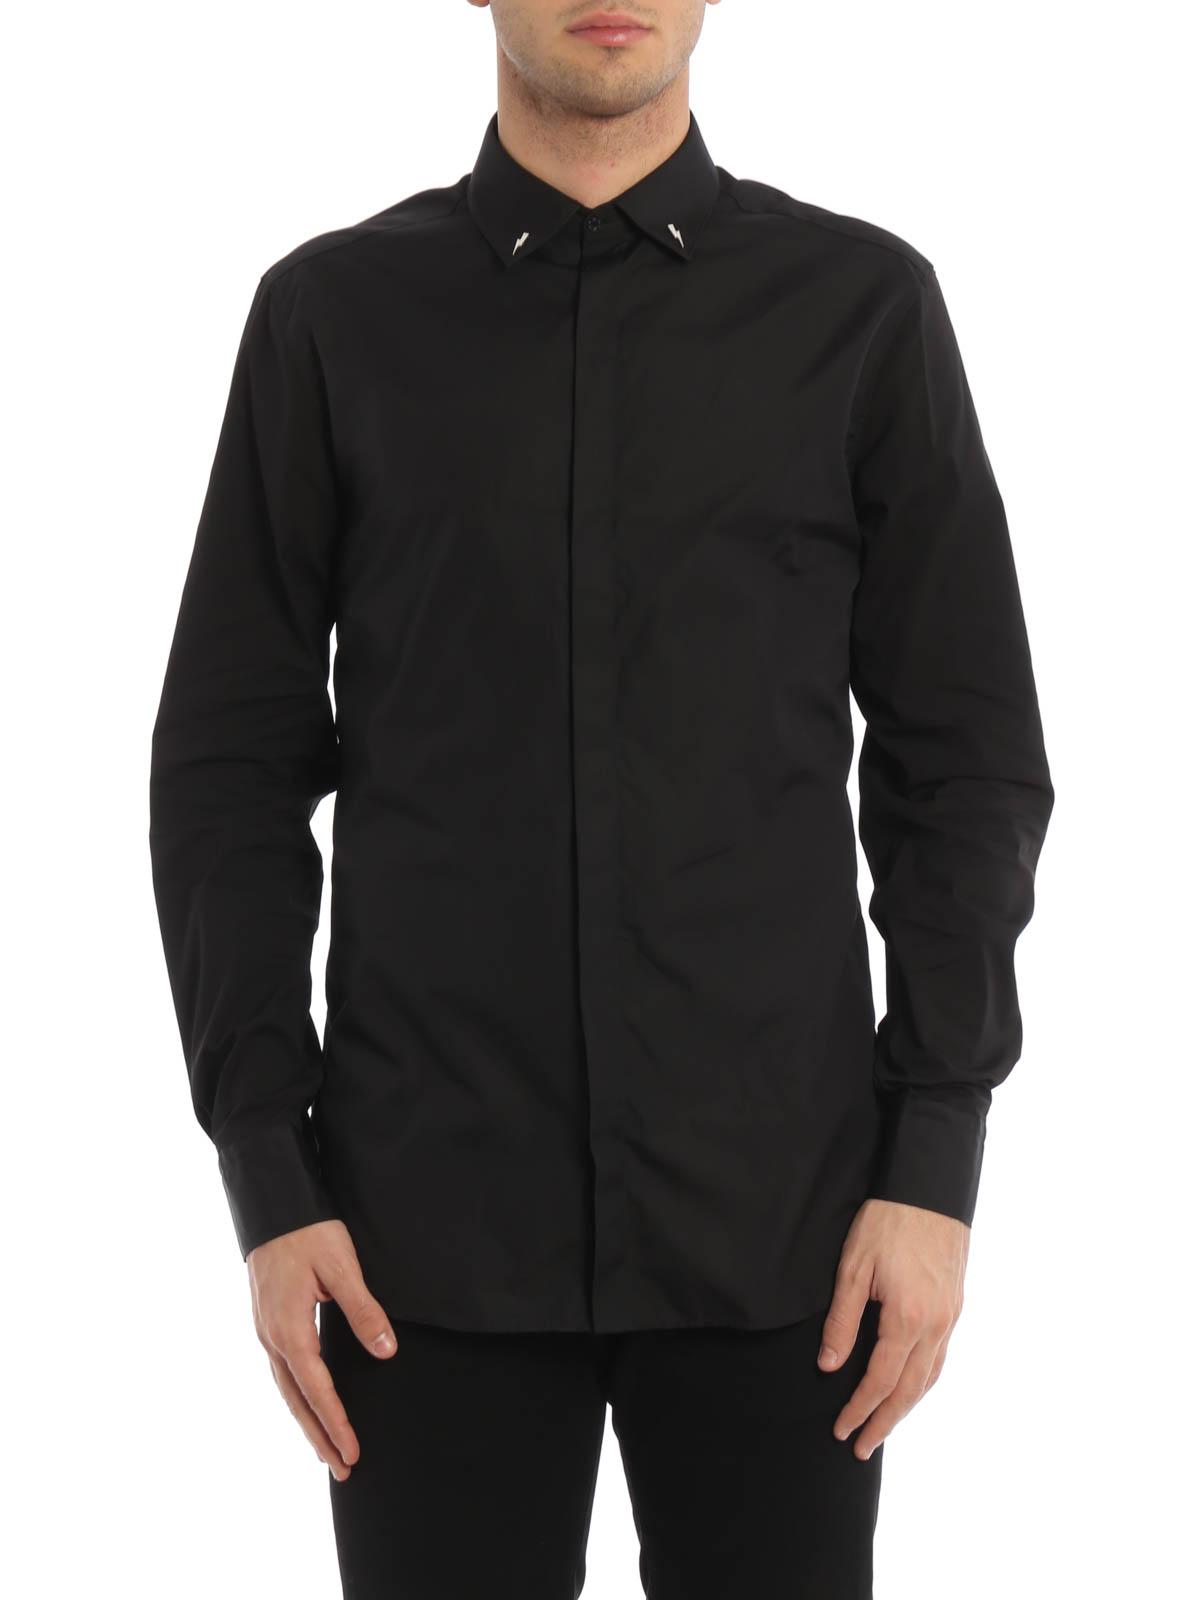 b57c2e033f555 Neil Barrett - Camisa Negra Para Hombre - Camisas - PBCM527SB008C01